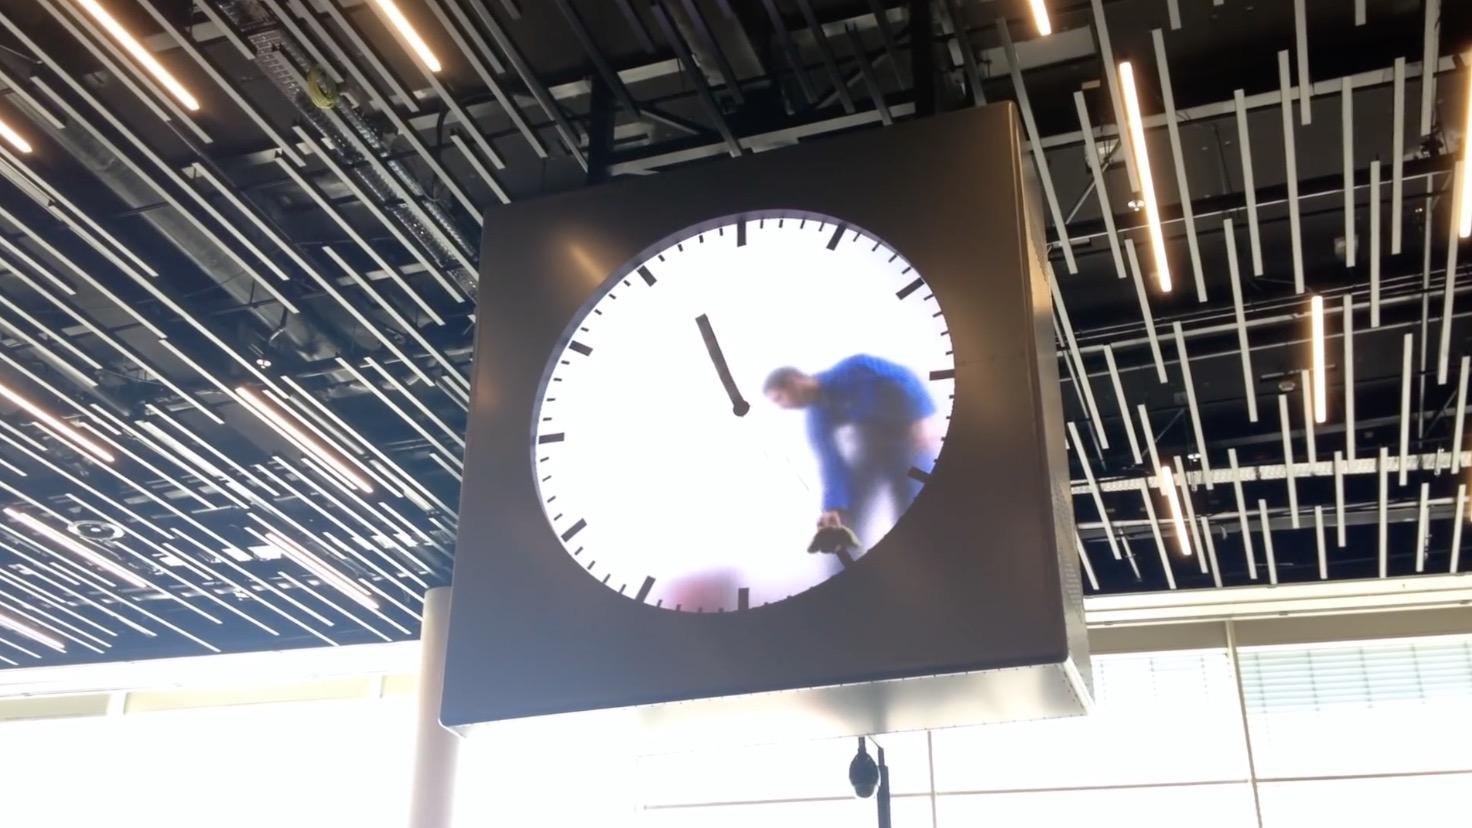 時計の修理をしているのかと思ったら、、オランダの空港の時計が凄い!